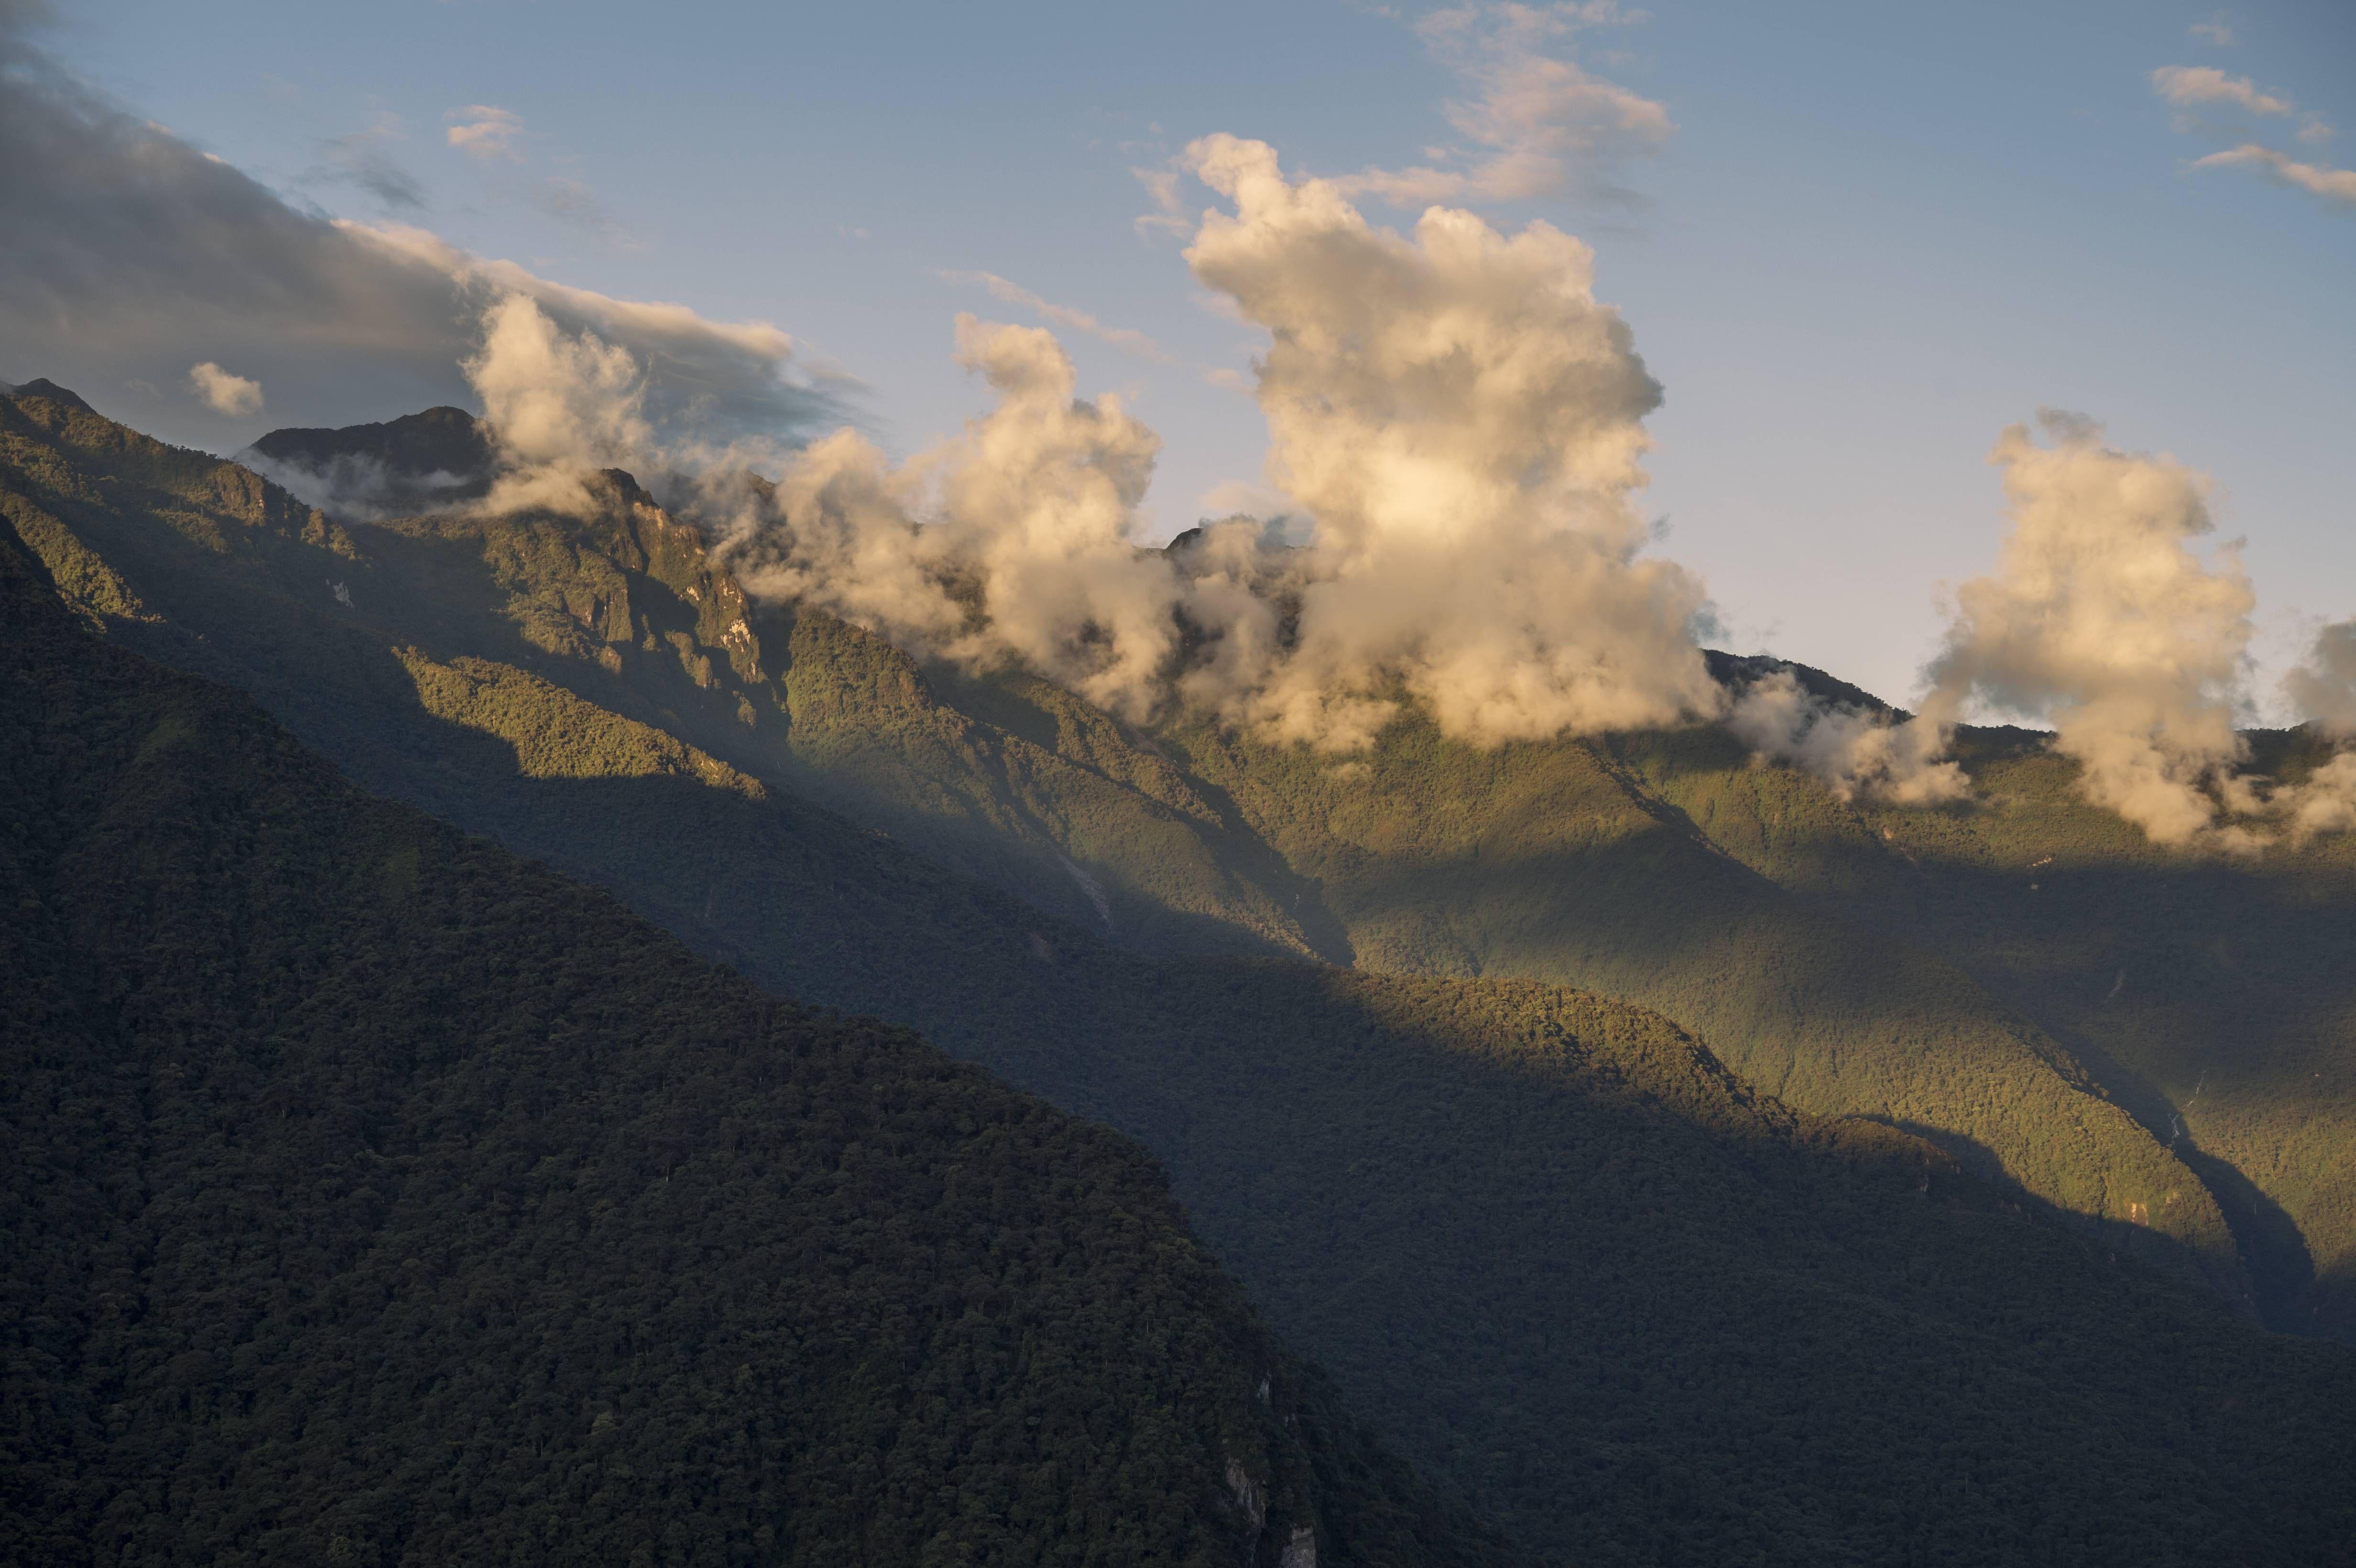 Paisaje del bosque montano en la estribación oriental del CCSP.